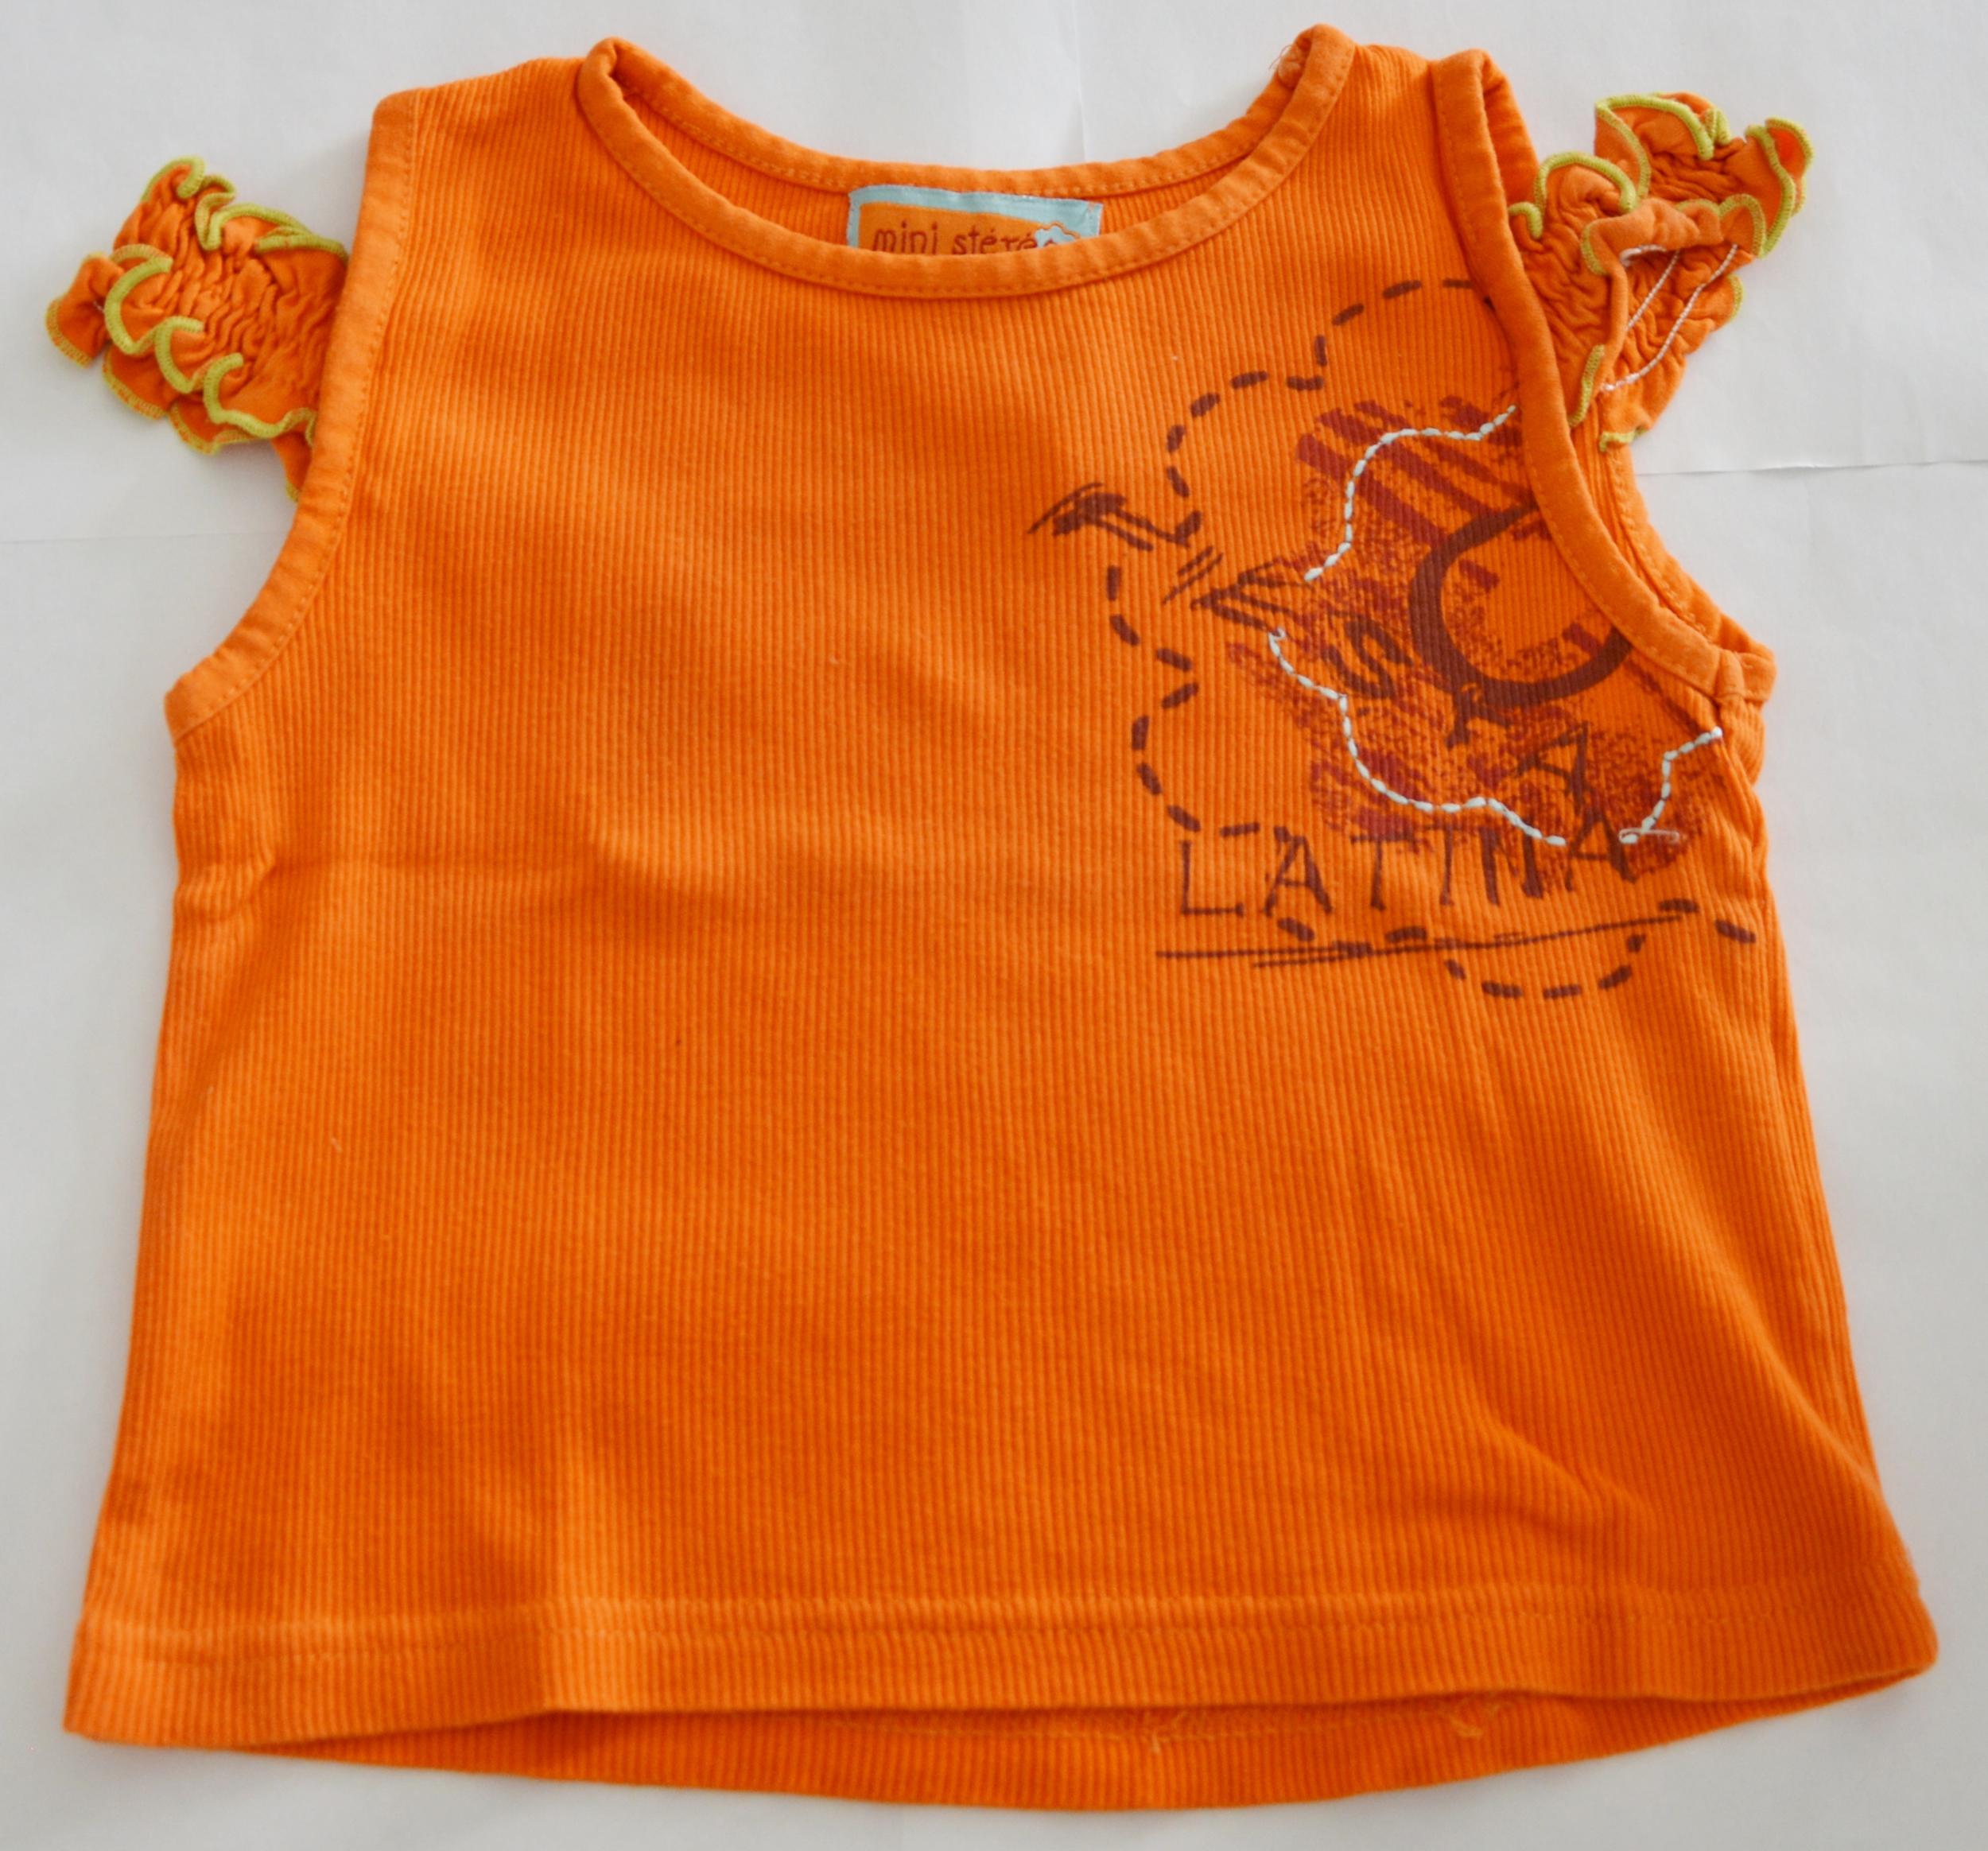 haut fille 4 ans mini stéréo orange occasion